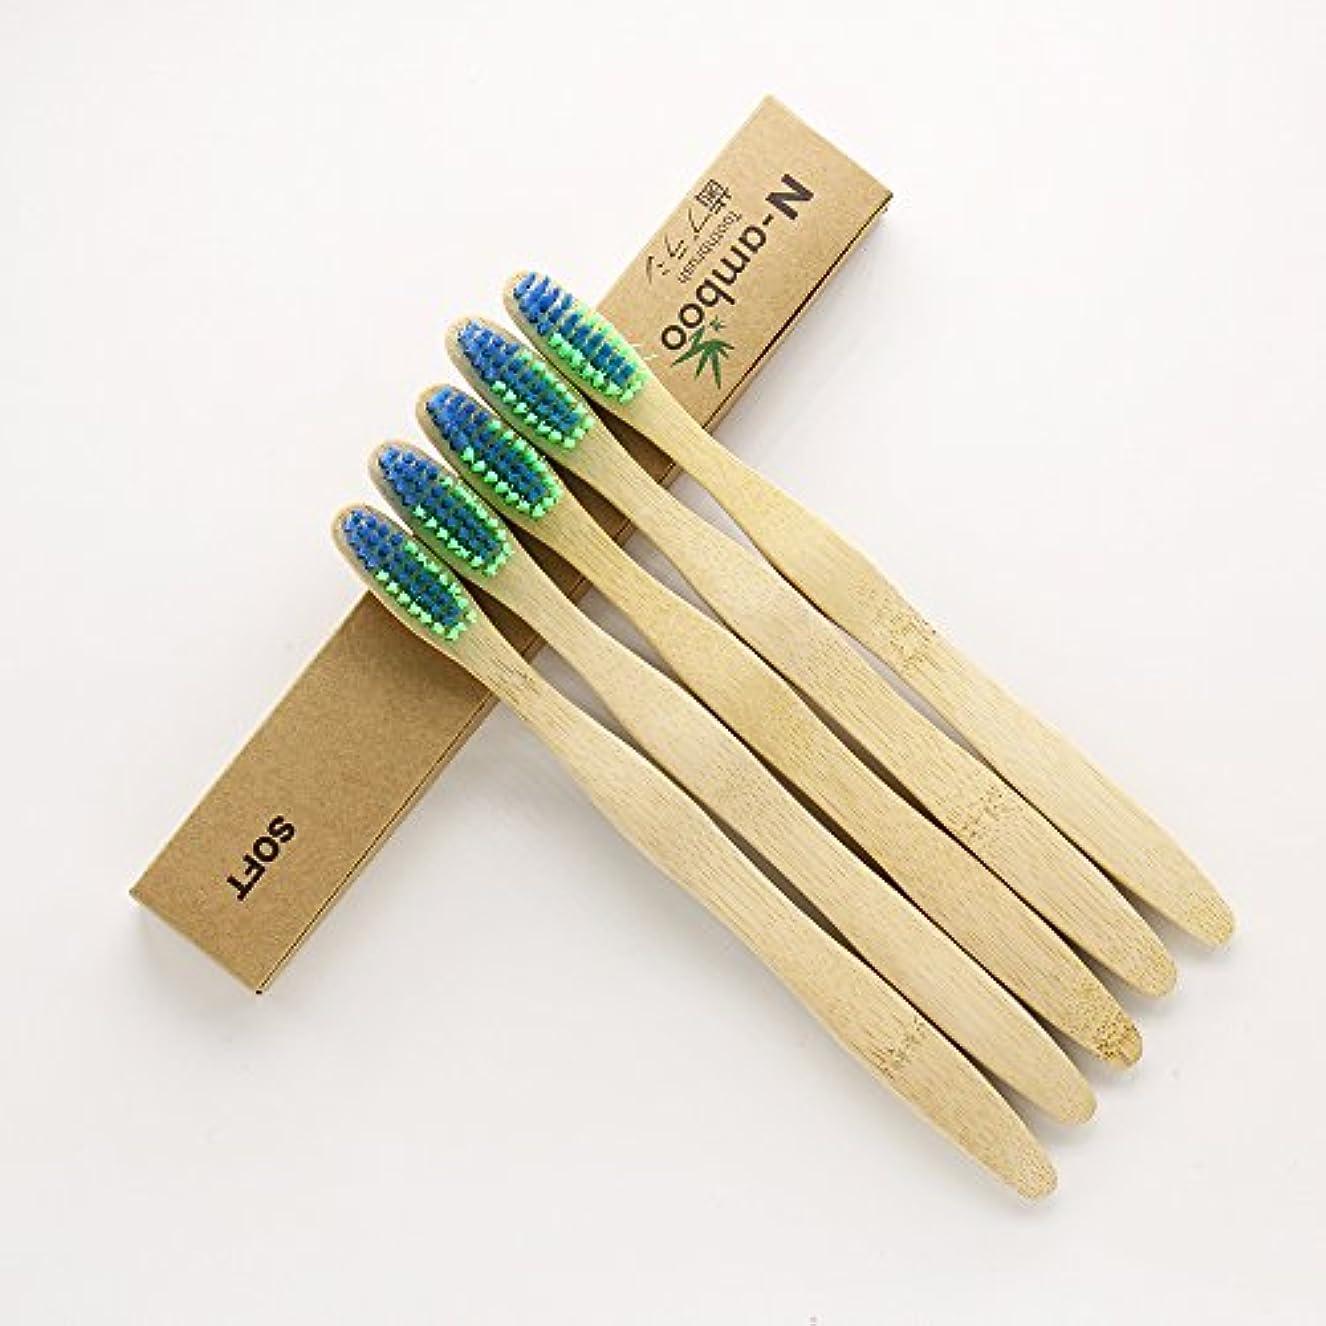 にもかかわらずスティーブンソンバッジN-amboo 竹製耐久度高い 歯ブラシ 青と緑色 5本入り セット